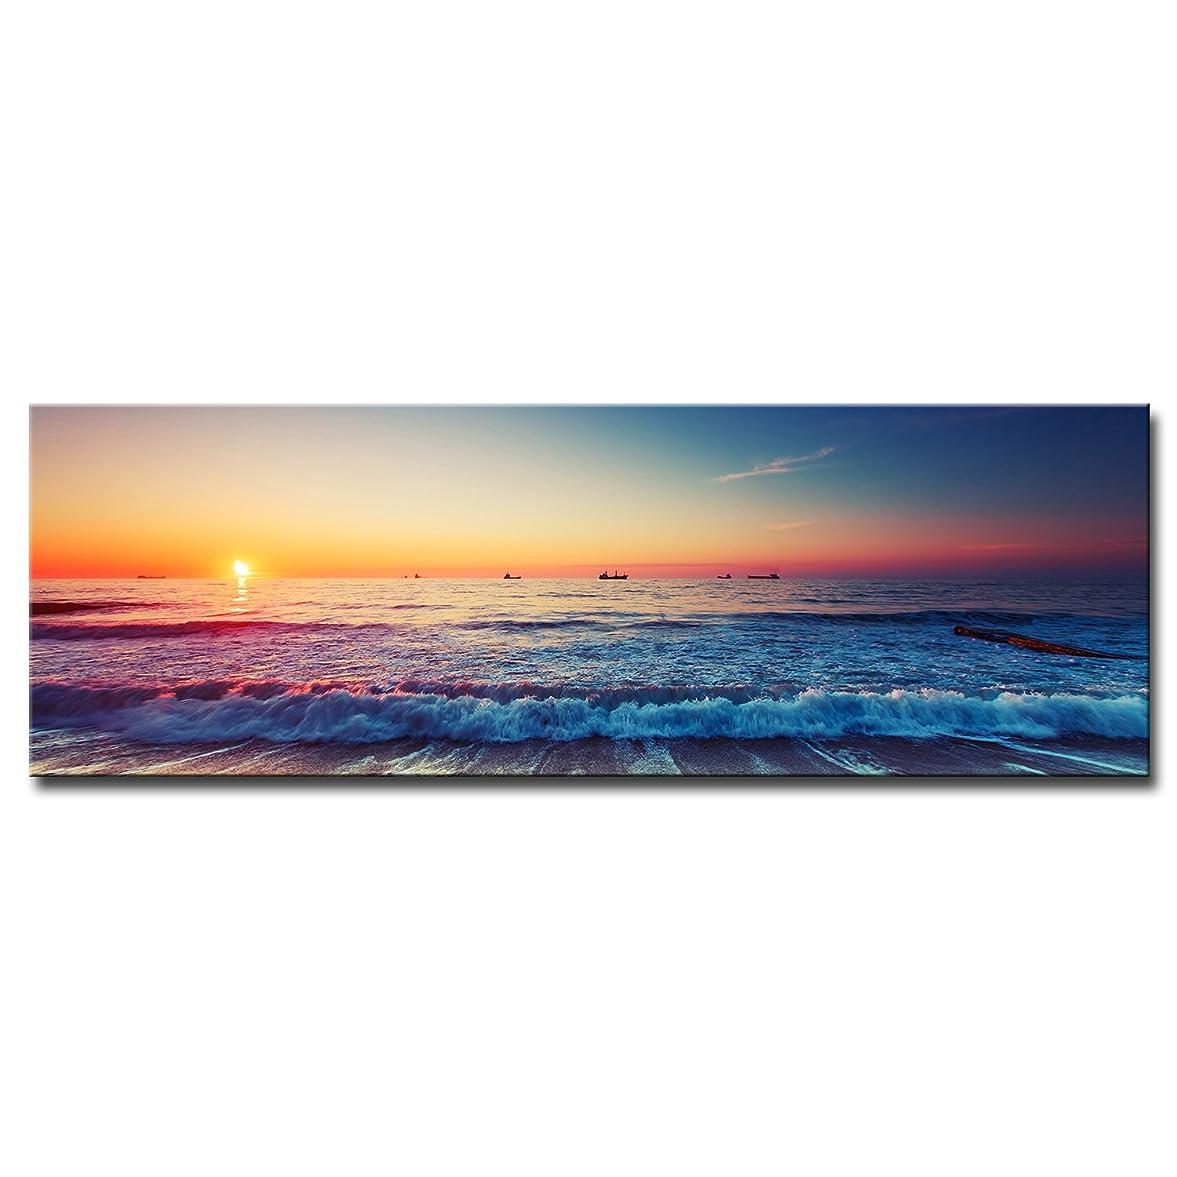 順応性のある肘掛け椅子不良品CrmaOArt アートパネル 「サントリーニ島のイアタウン?エーゲ海」 壁掛け 風景写真の壁の写真を絵画 ポスター キャンバス絵画 5パネルセット(額縁なし)50インチx28インチ